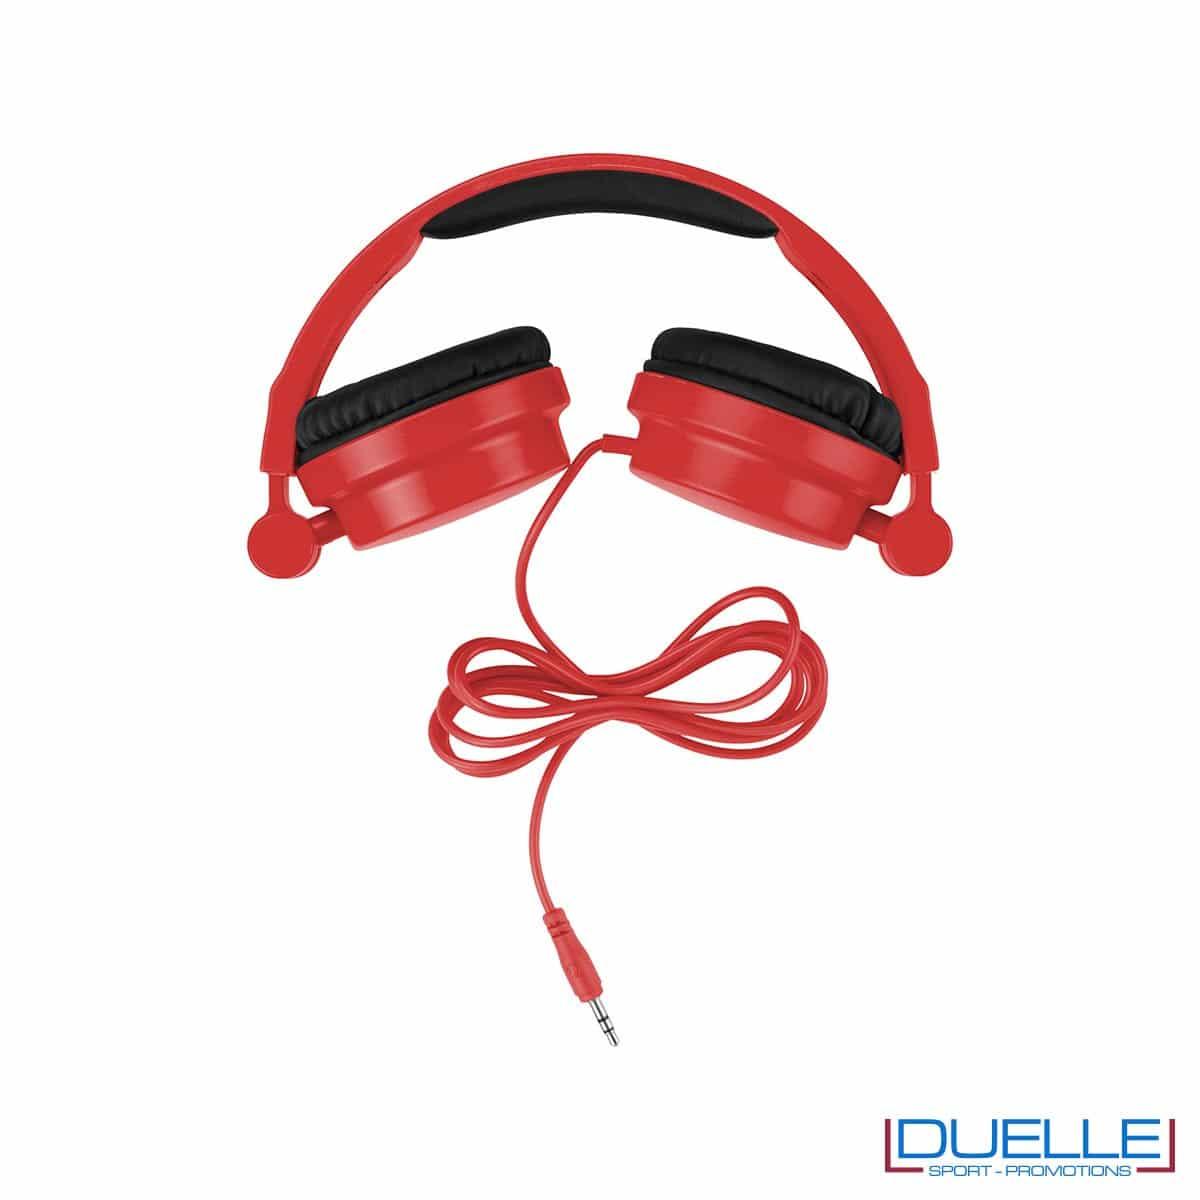 cuffie pieghevoli personalizzate promozionali colore rosso